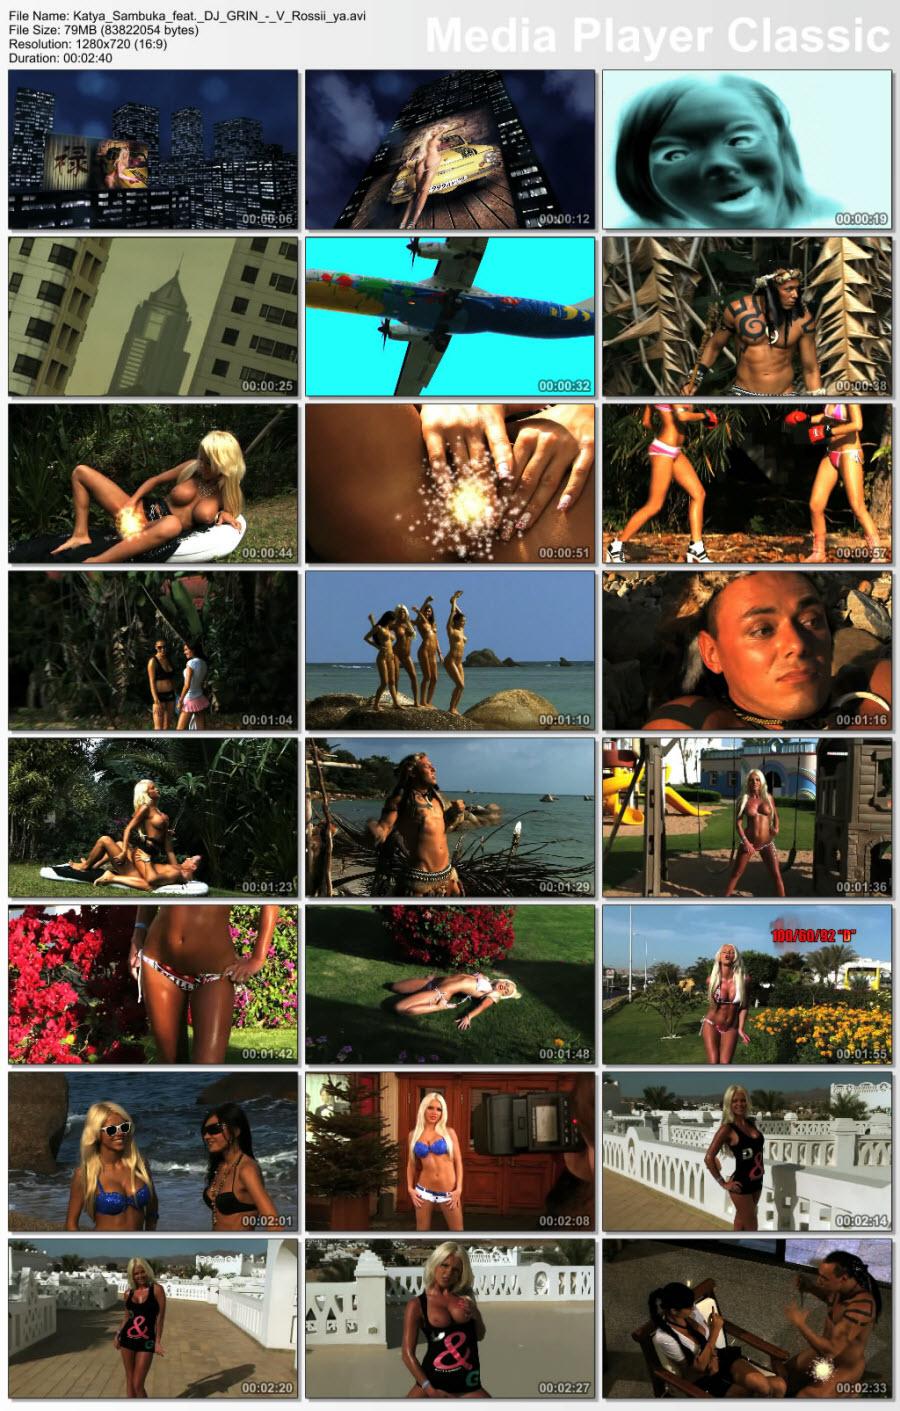 zapreshennie-eroticheskie-klipi-skachat